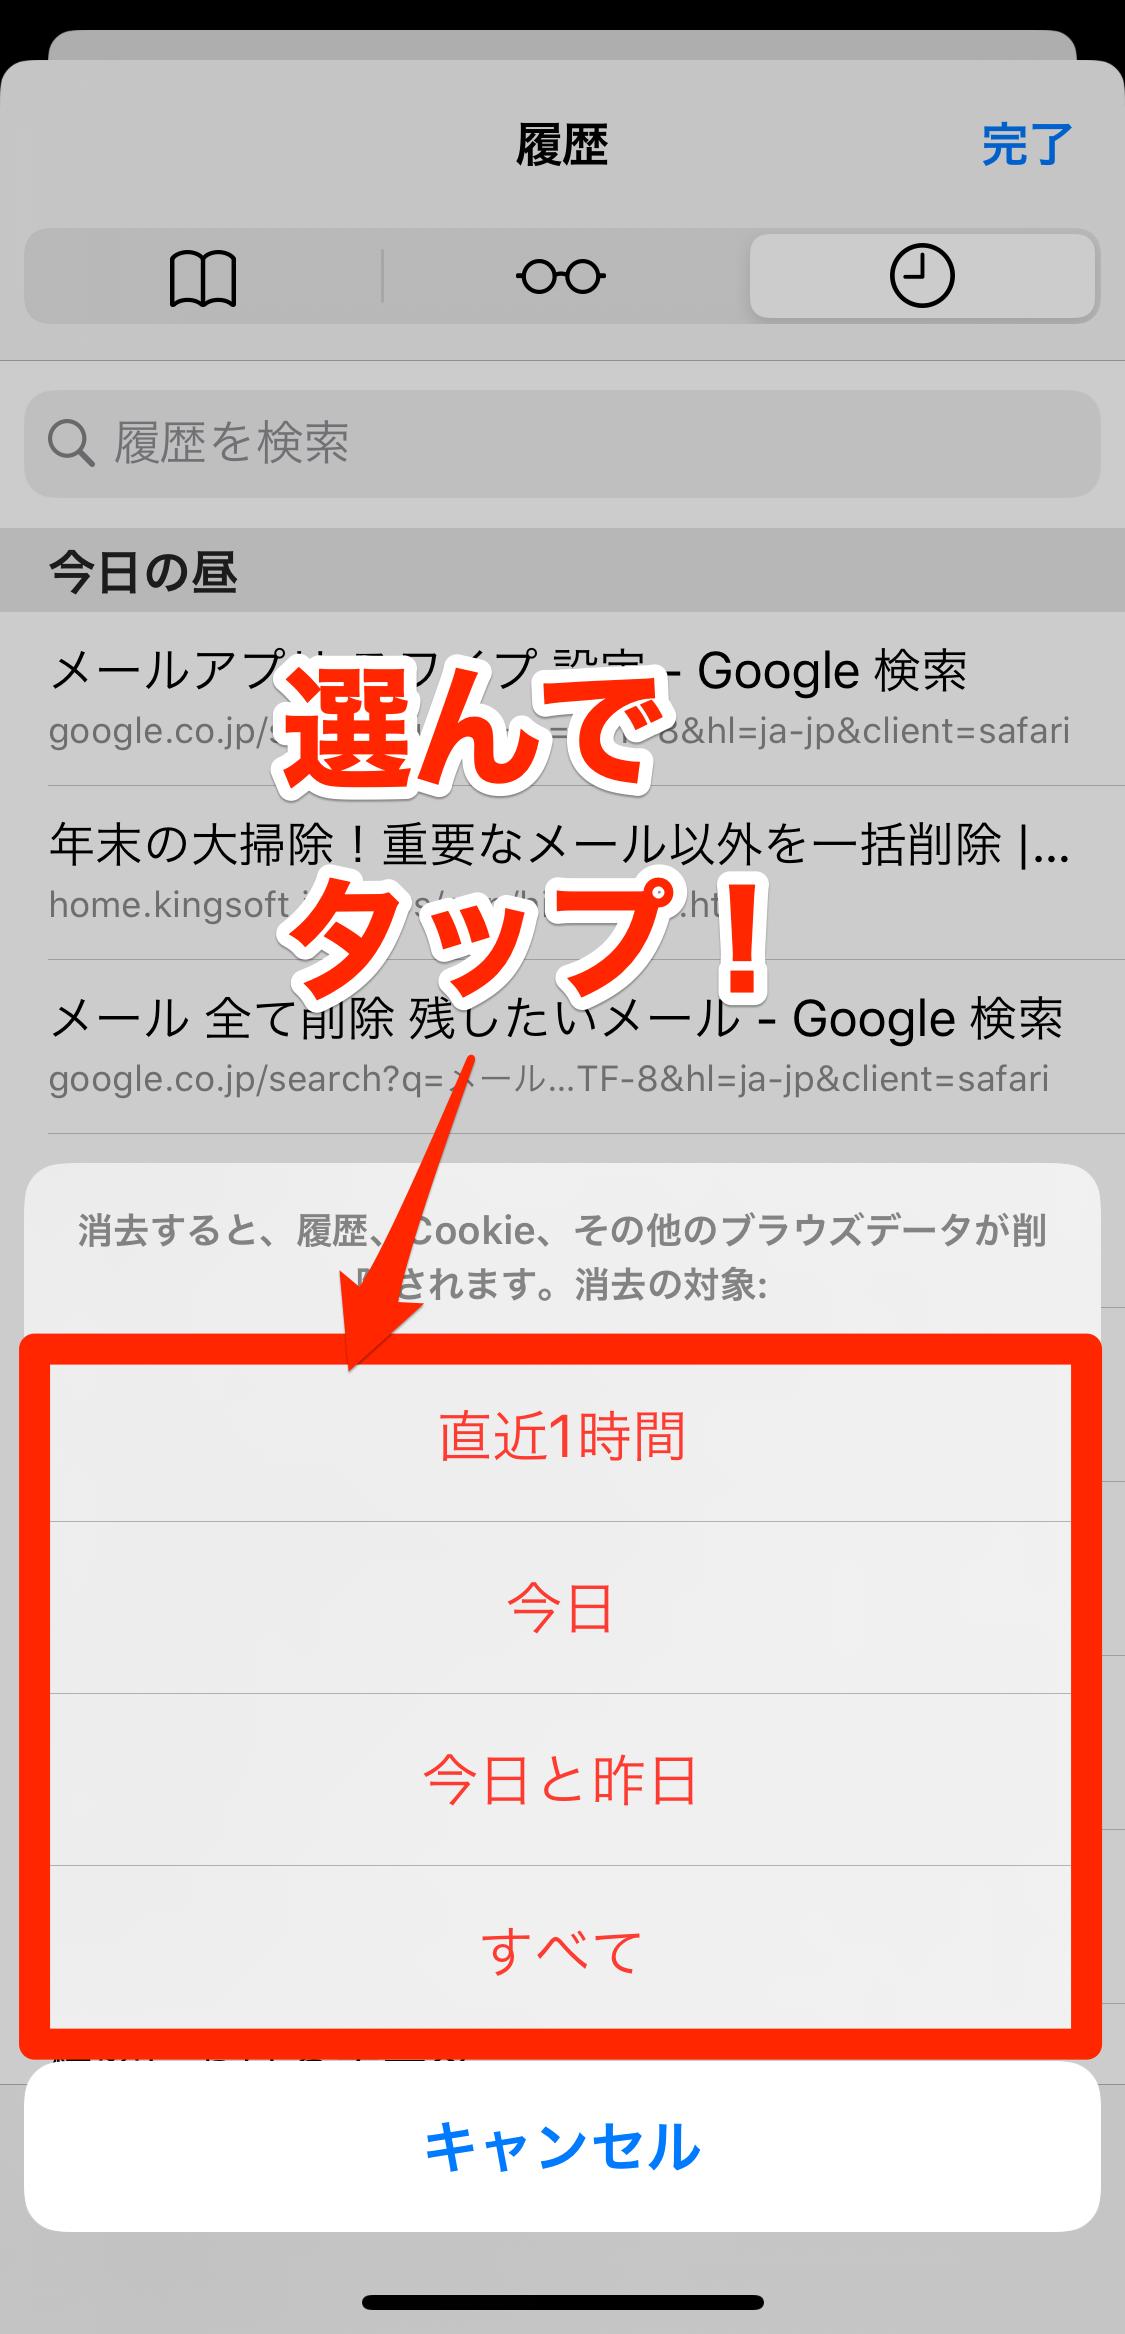 一括 削除 検索 履歴 google